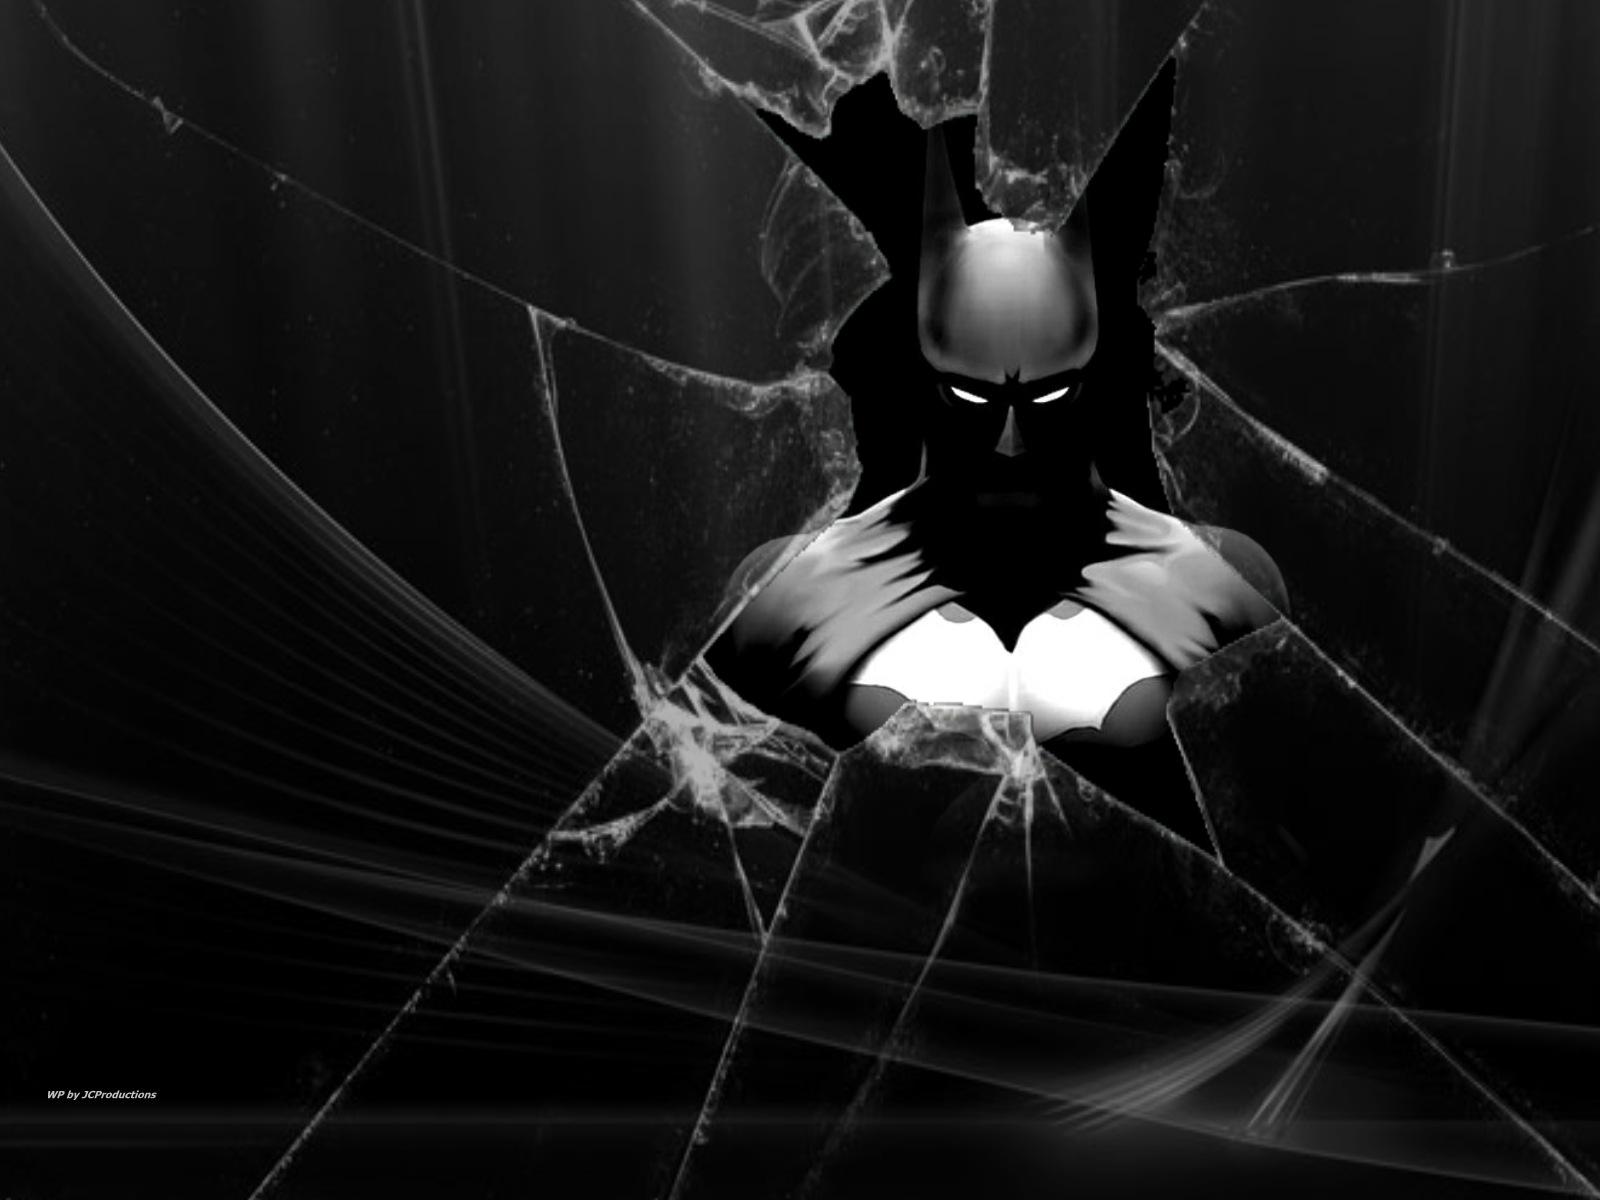 Batman images Batman wallpaper photos  27163409. Free Batman Wallpaper   WallpaperSafari